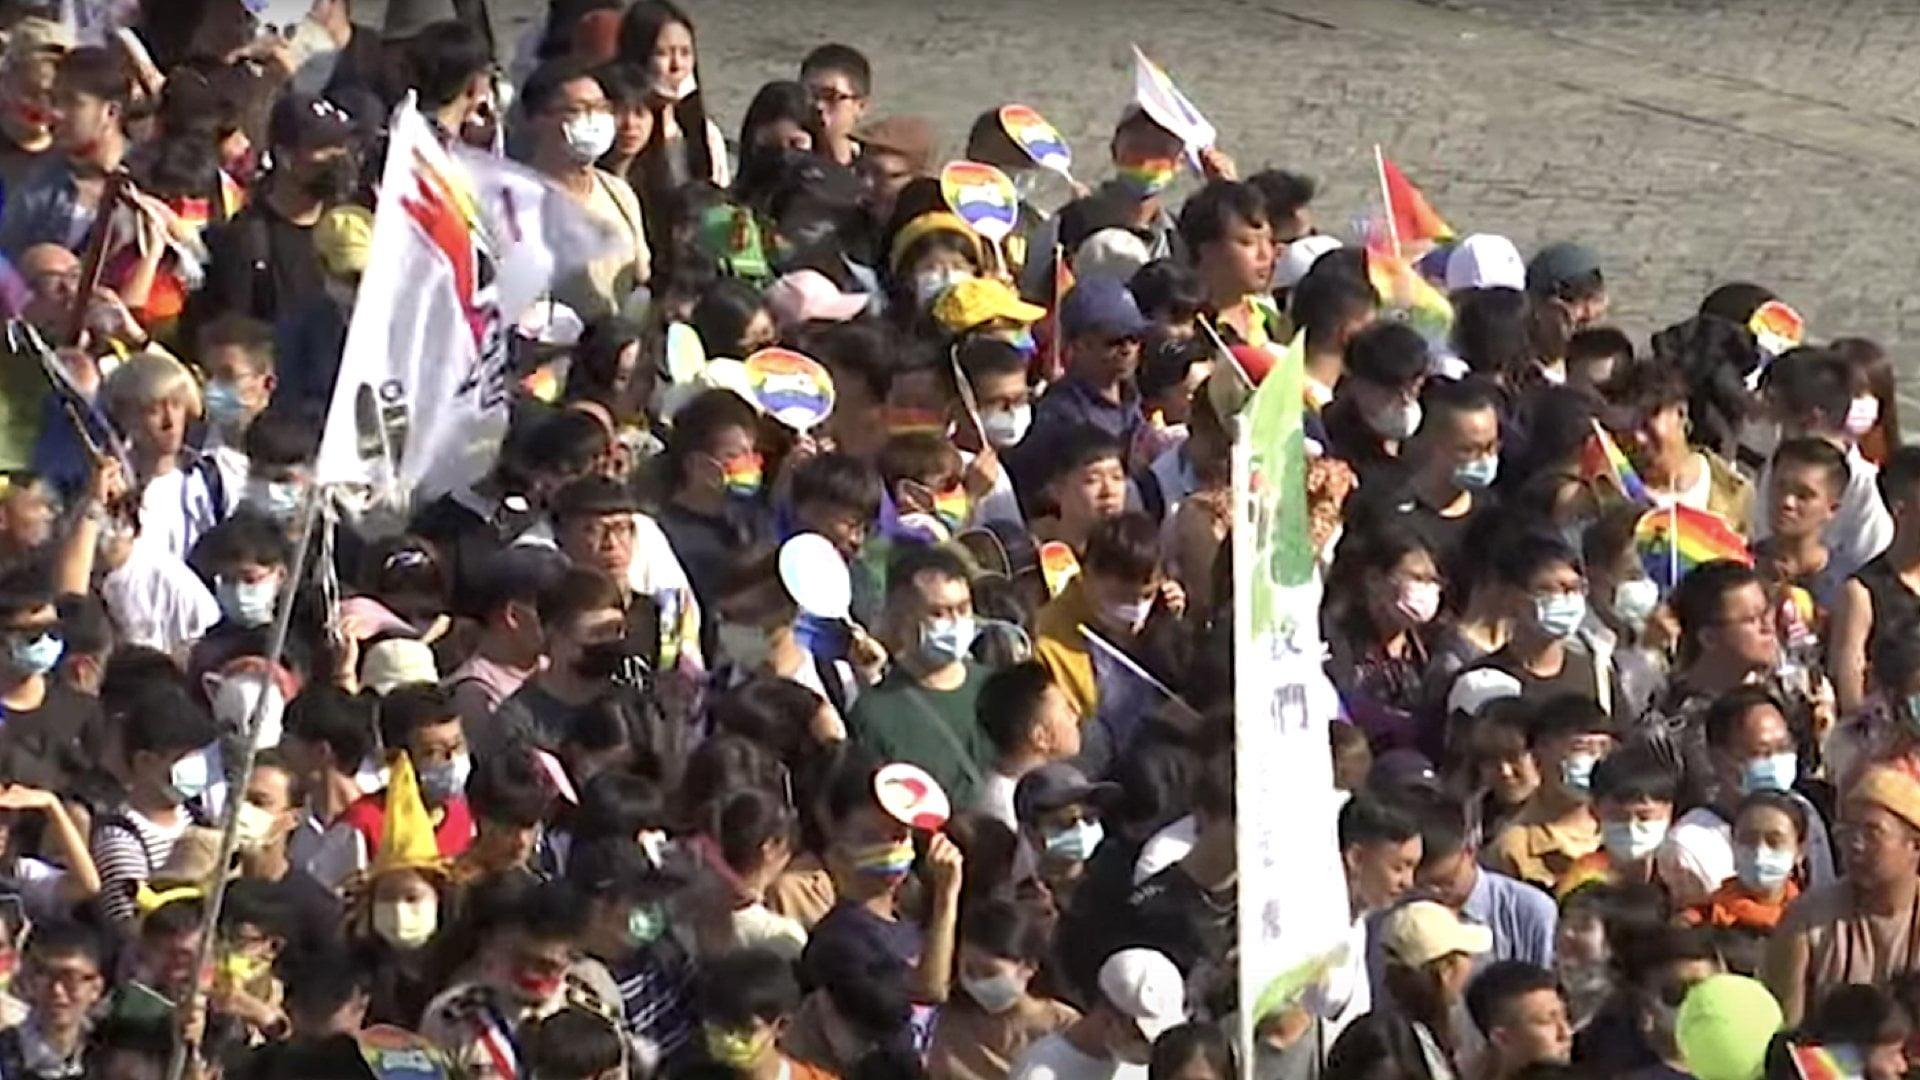 Taiwan Pride 2020 1604245089 - Taipei Pride Parade Draws 130,000 Participants